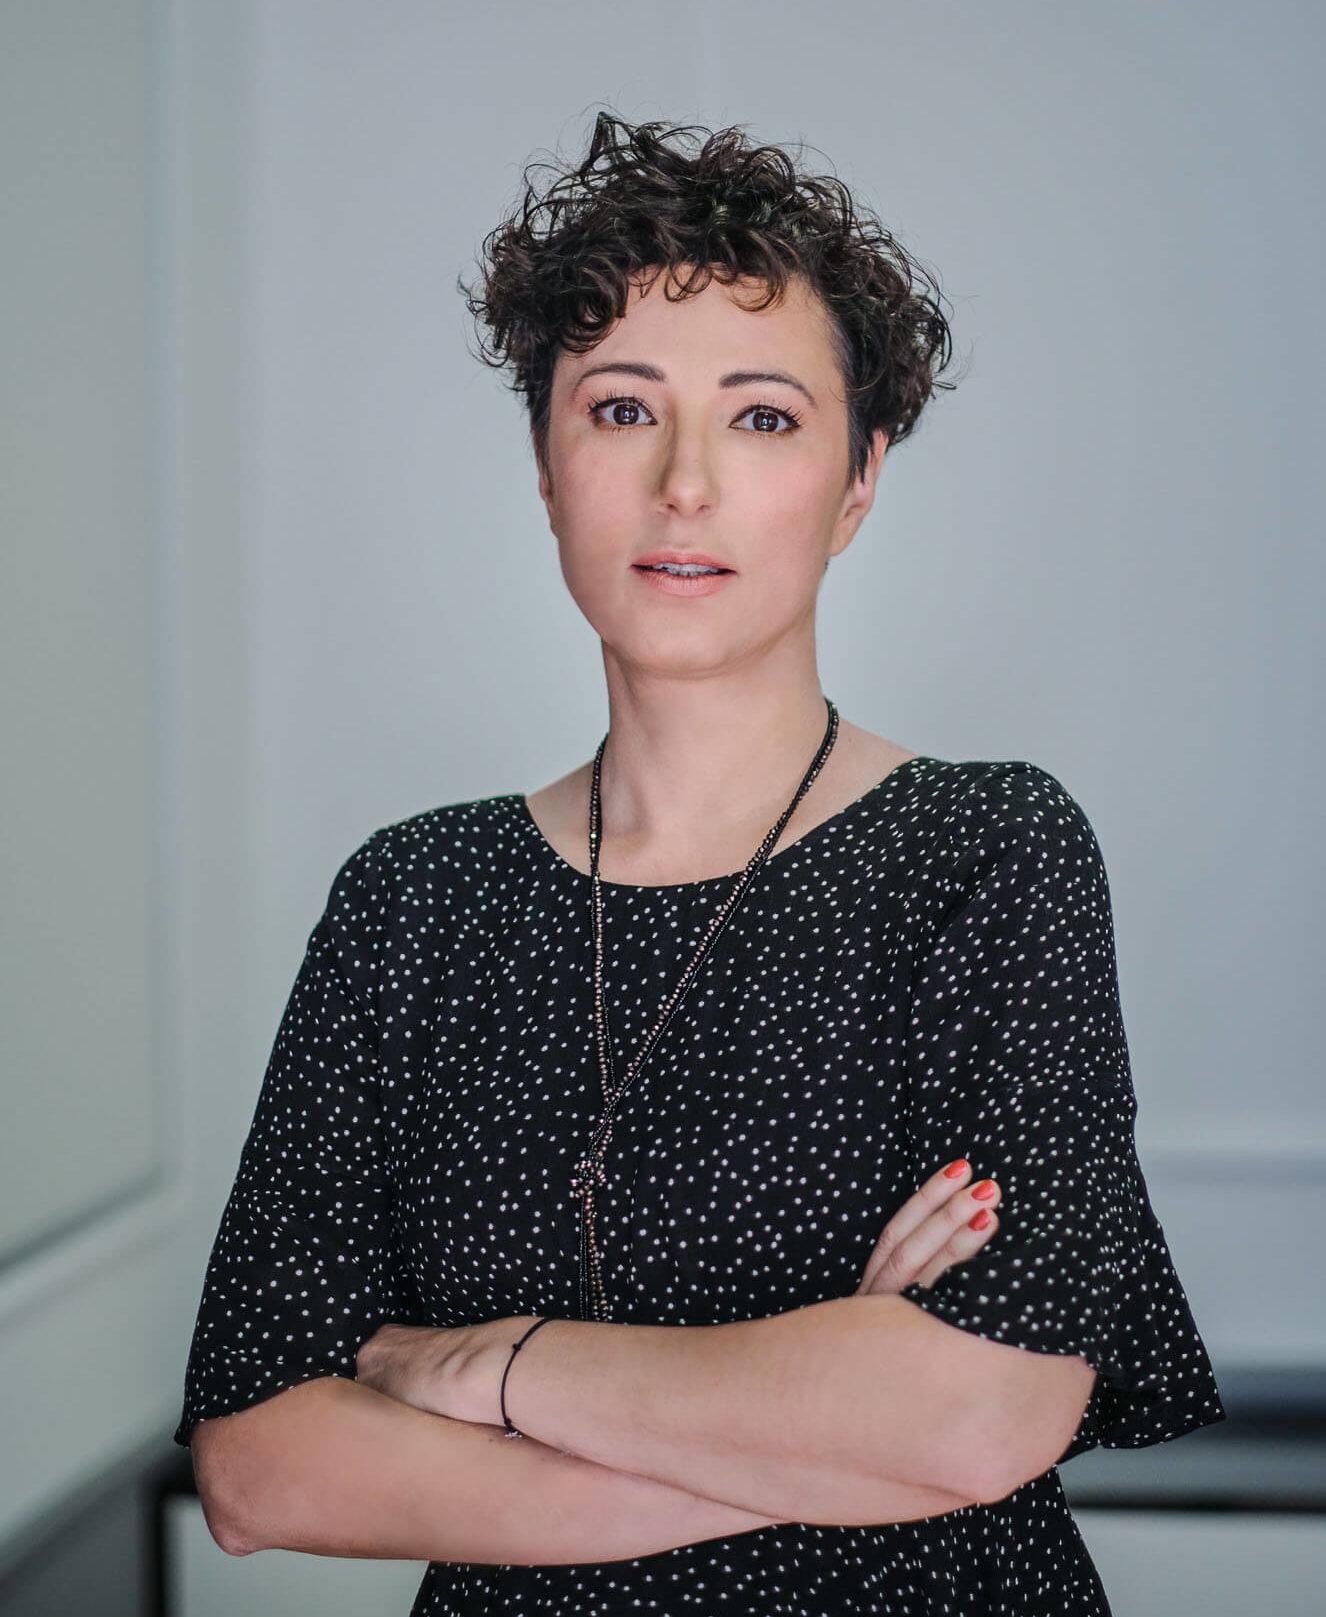 Mirjana Samardzic Novoselec